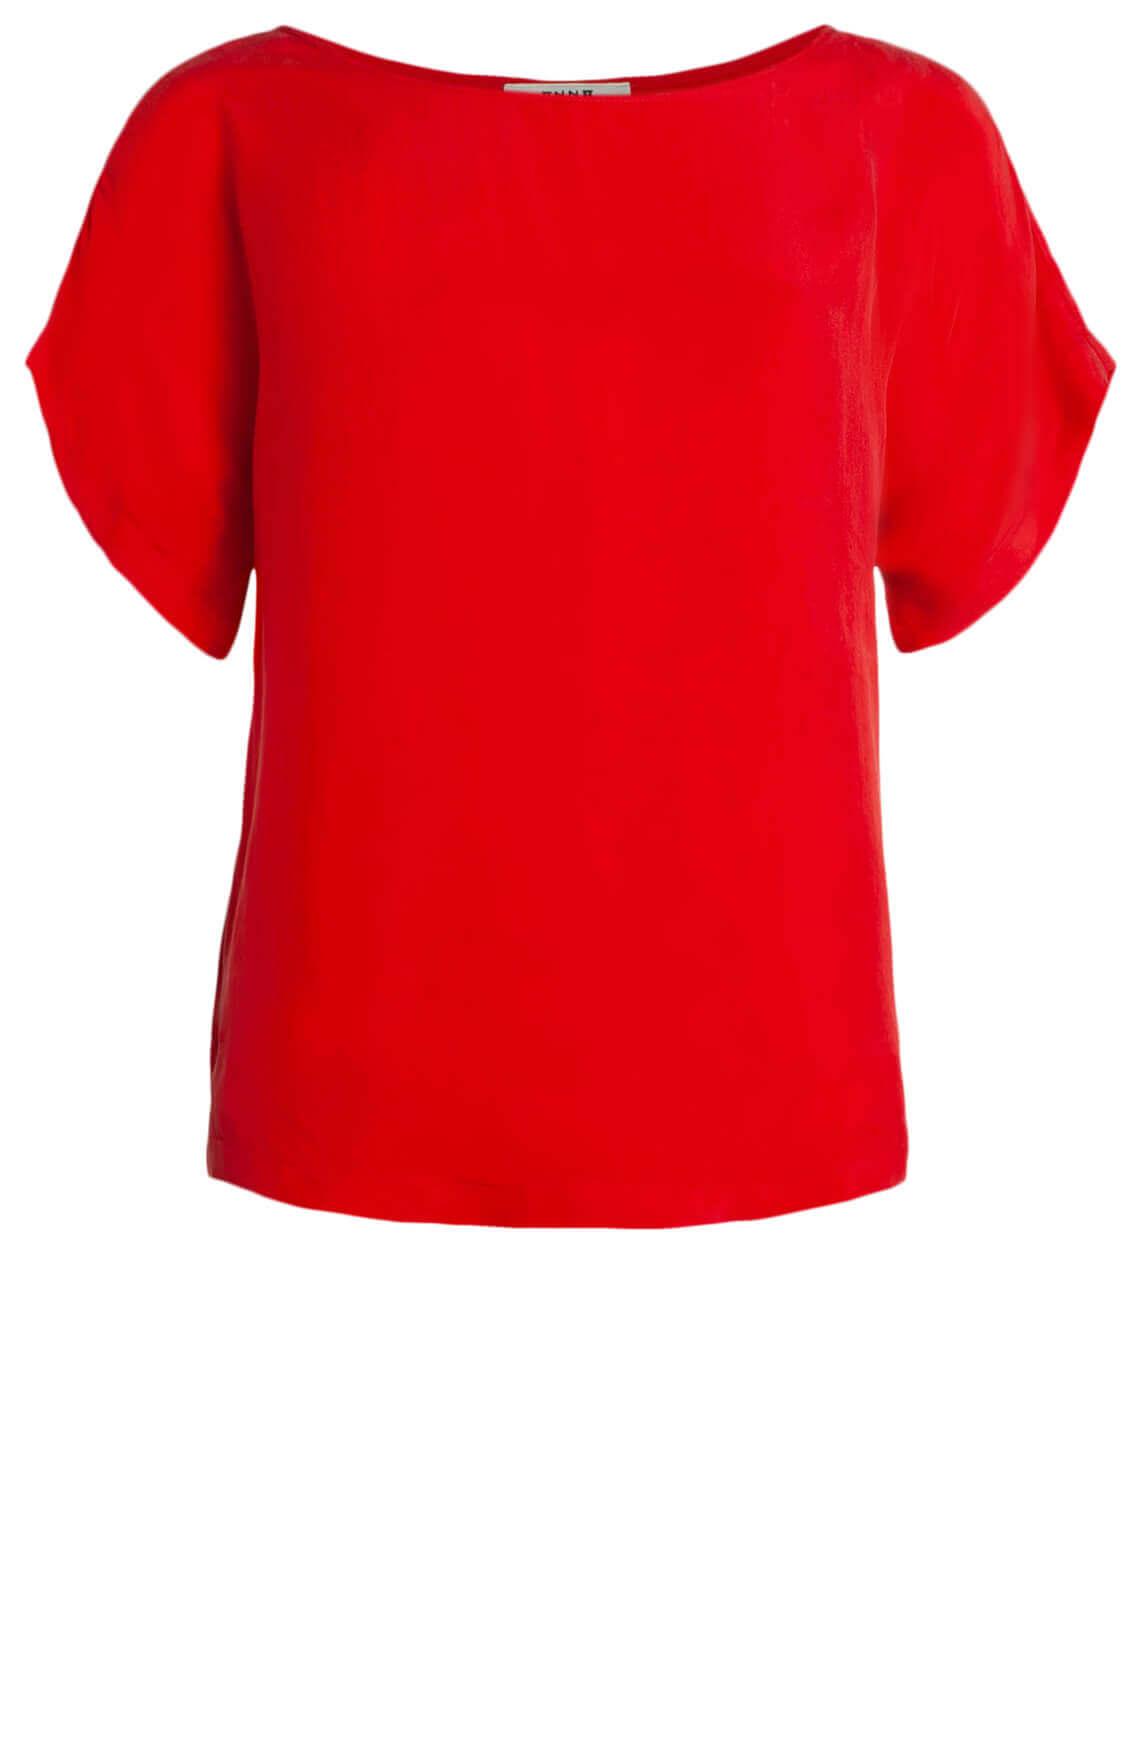 Anna Dames Cupro shirt Rood